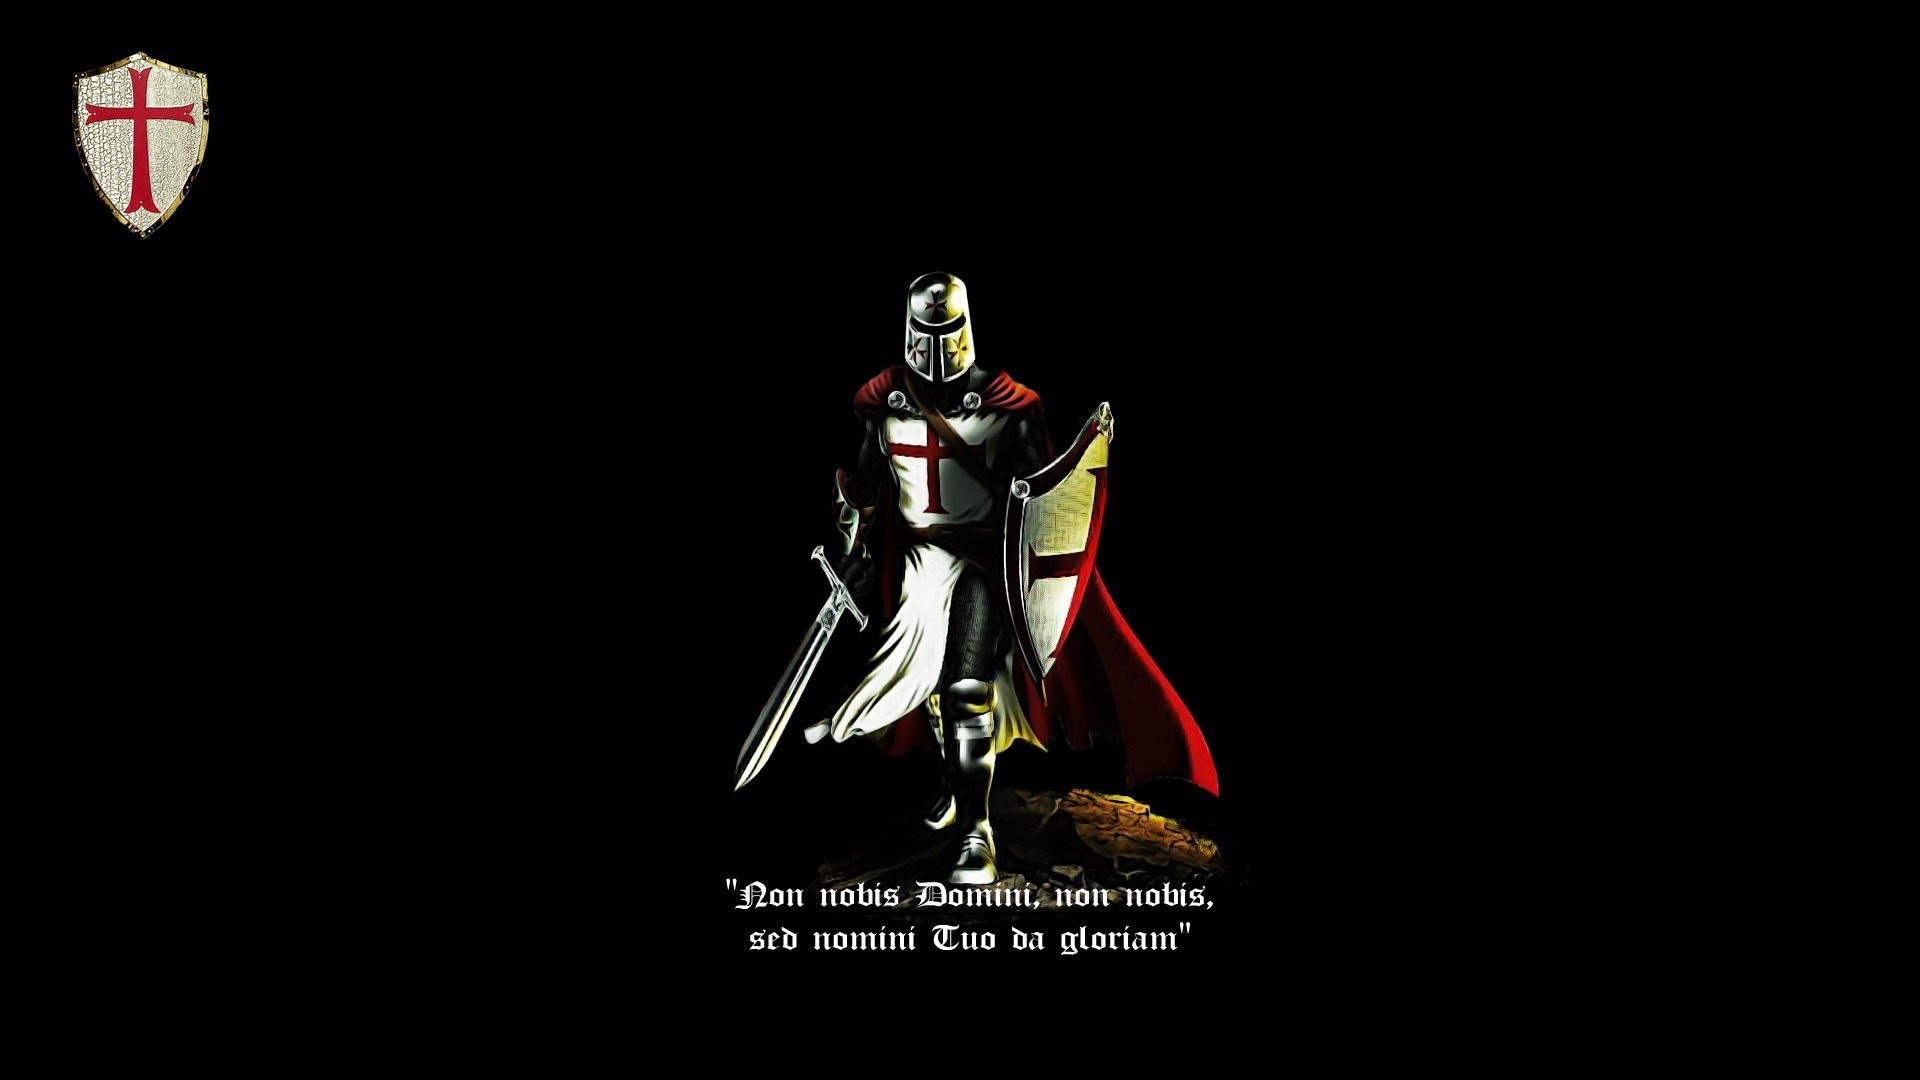 knights templar cross wallpaper …